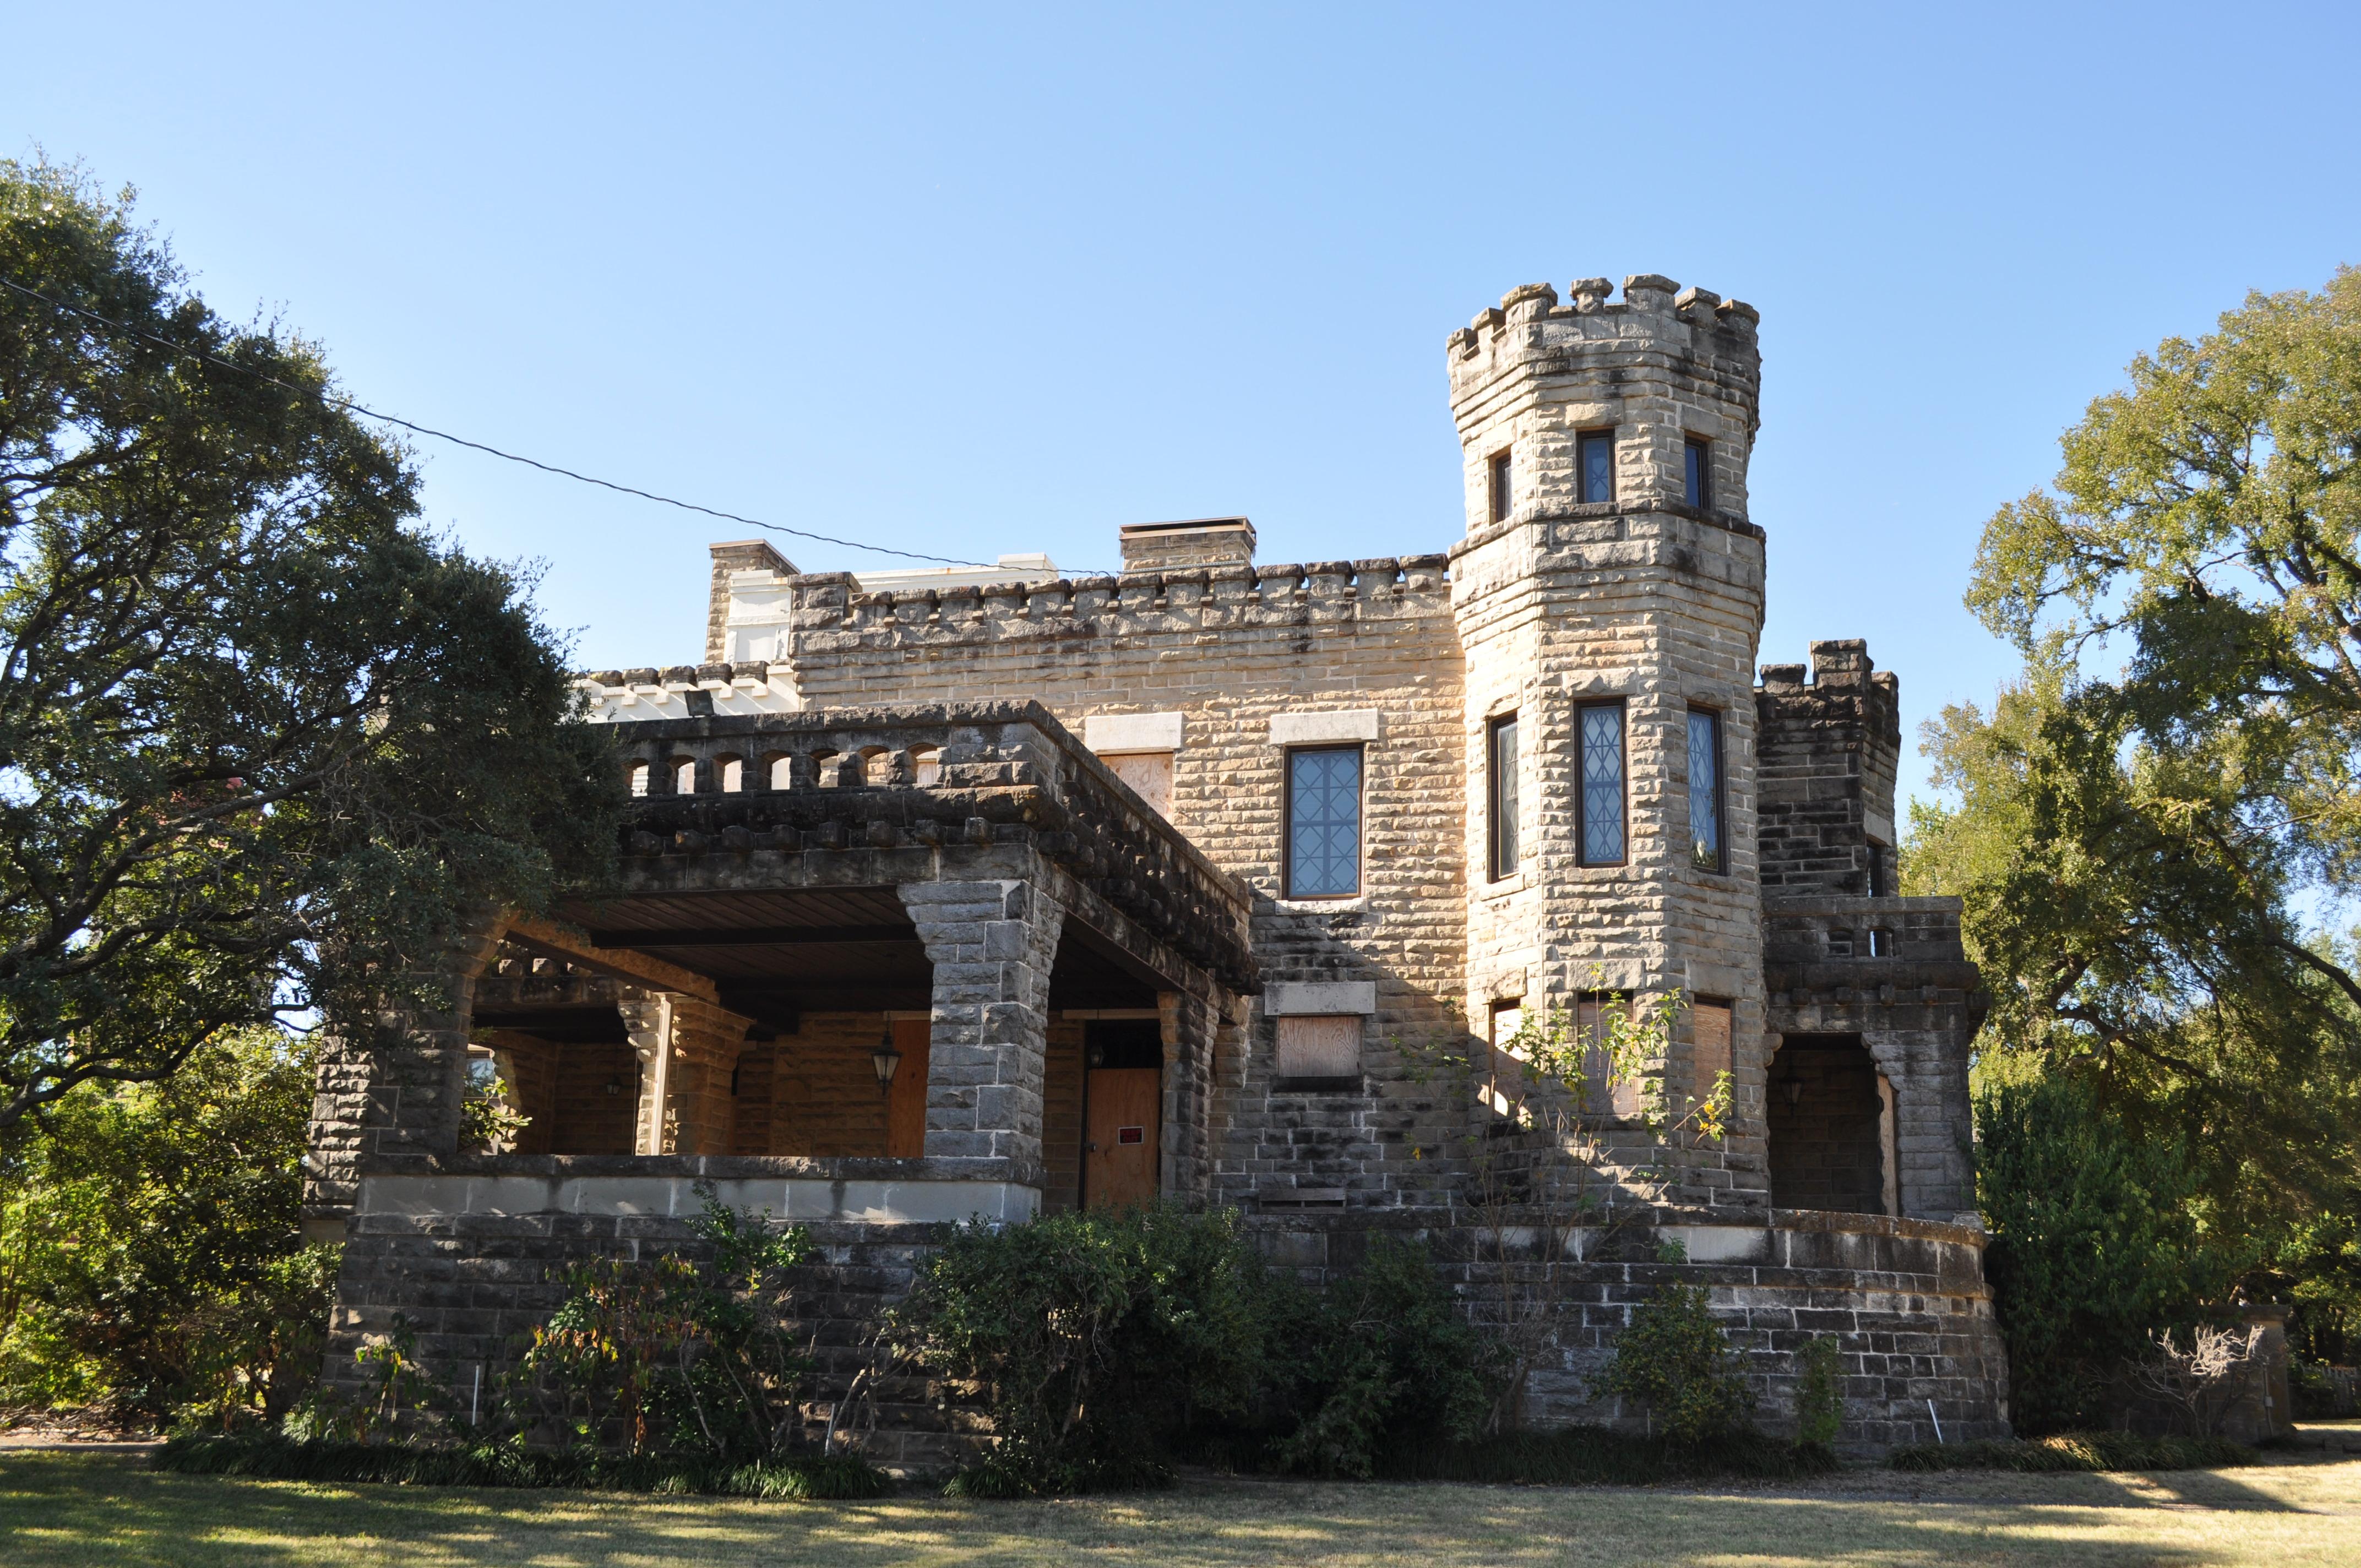 Cottonland Castle